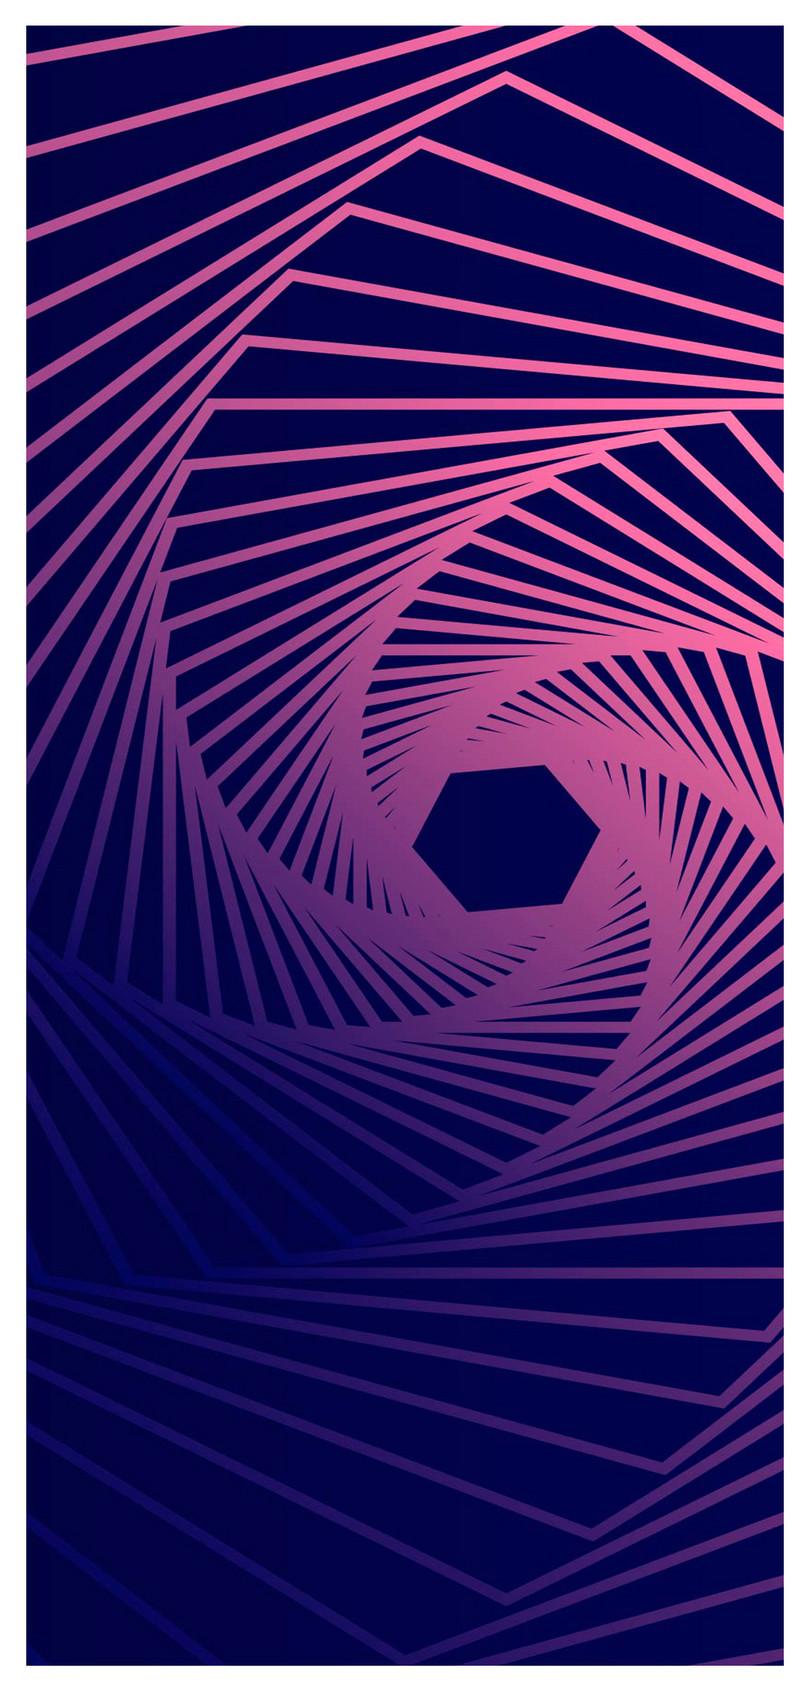 Download 77 Wallpaper Bergerak Cahaya Paling Keren